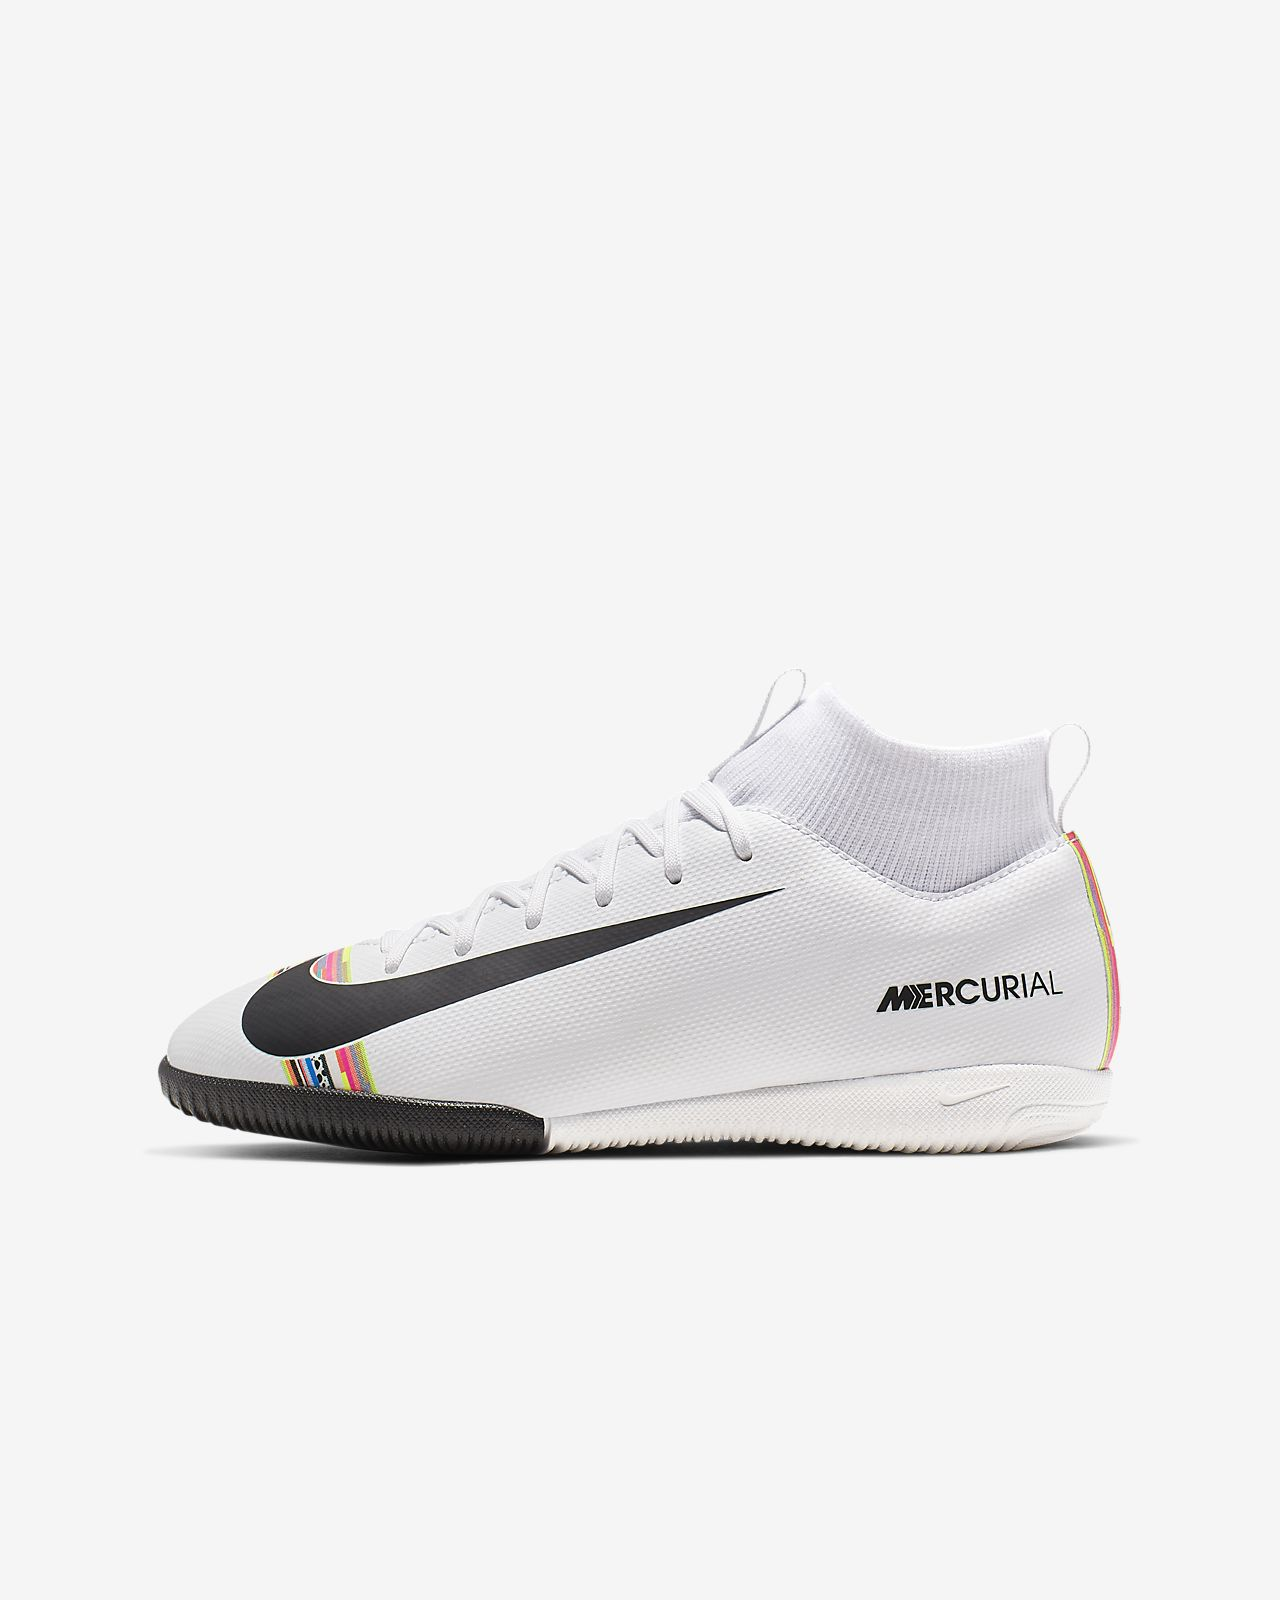 Nike Jr. SuperflyX 6 Academy LVL UP IC Botes de futbol sala - Nen/a i nen/a petit/a